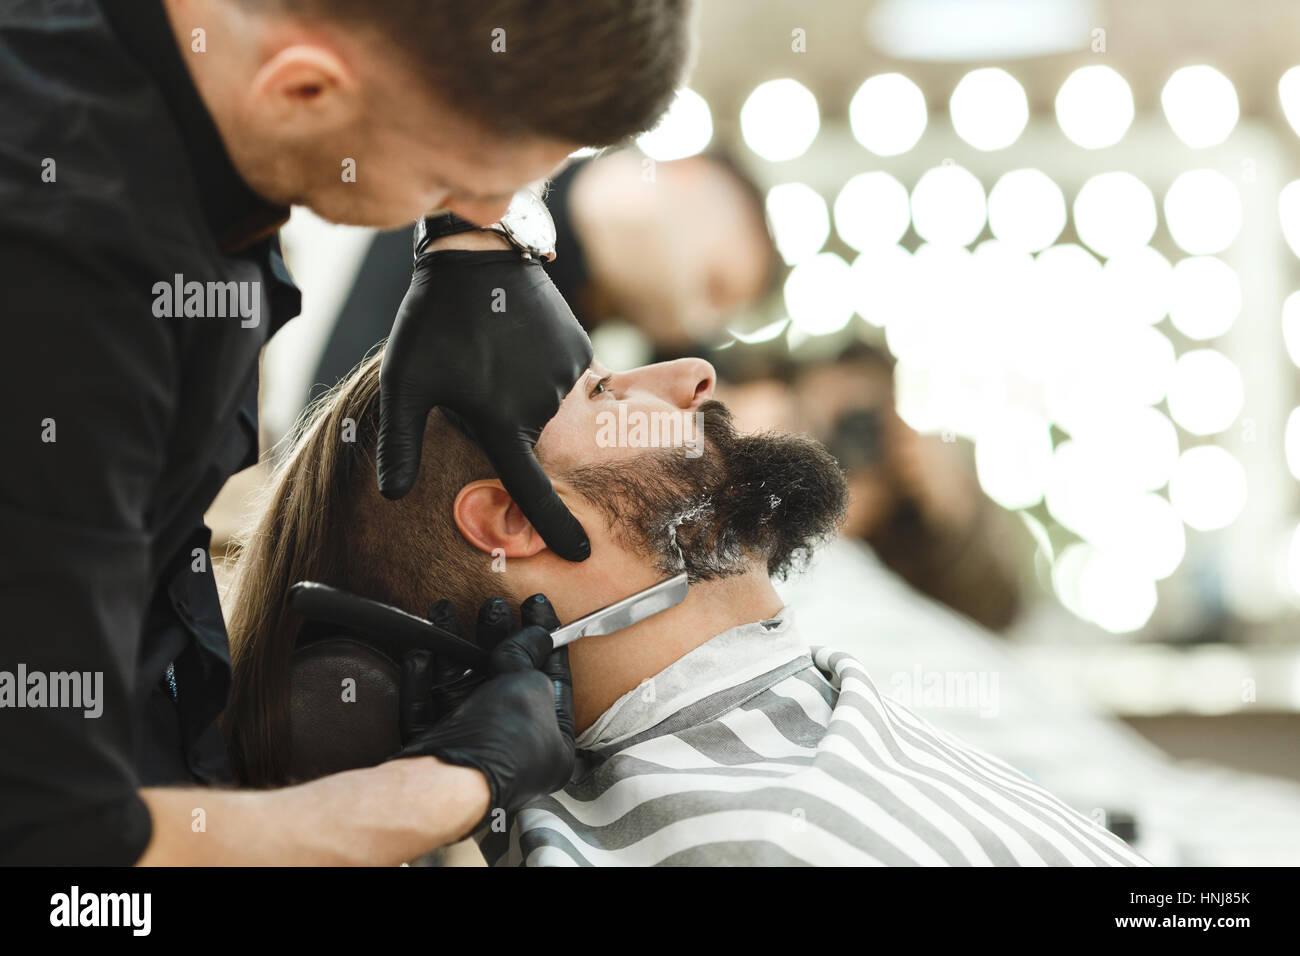 Salon de coiffure en forme de barbe pour homme Photo Stock